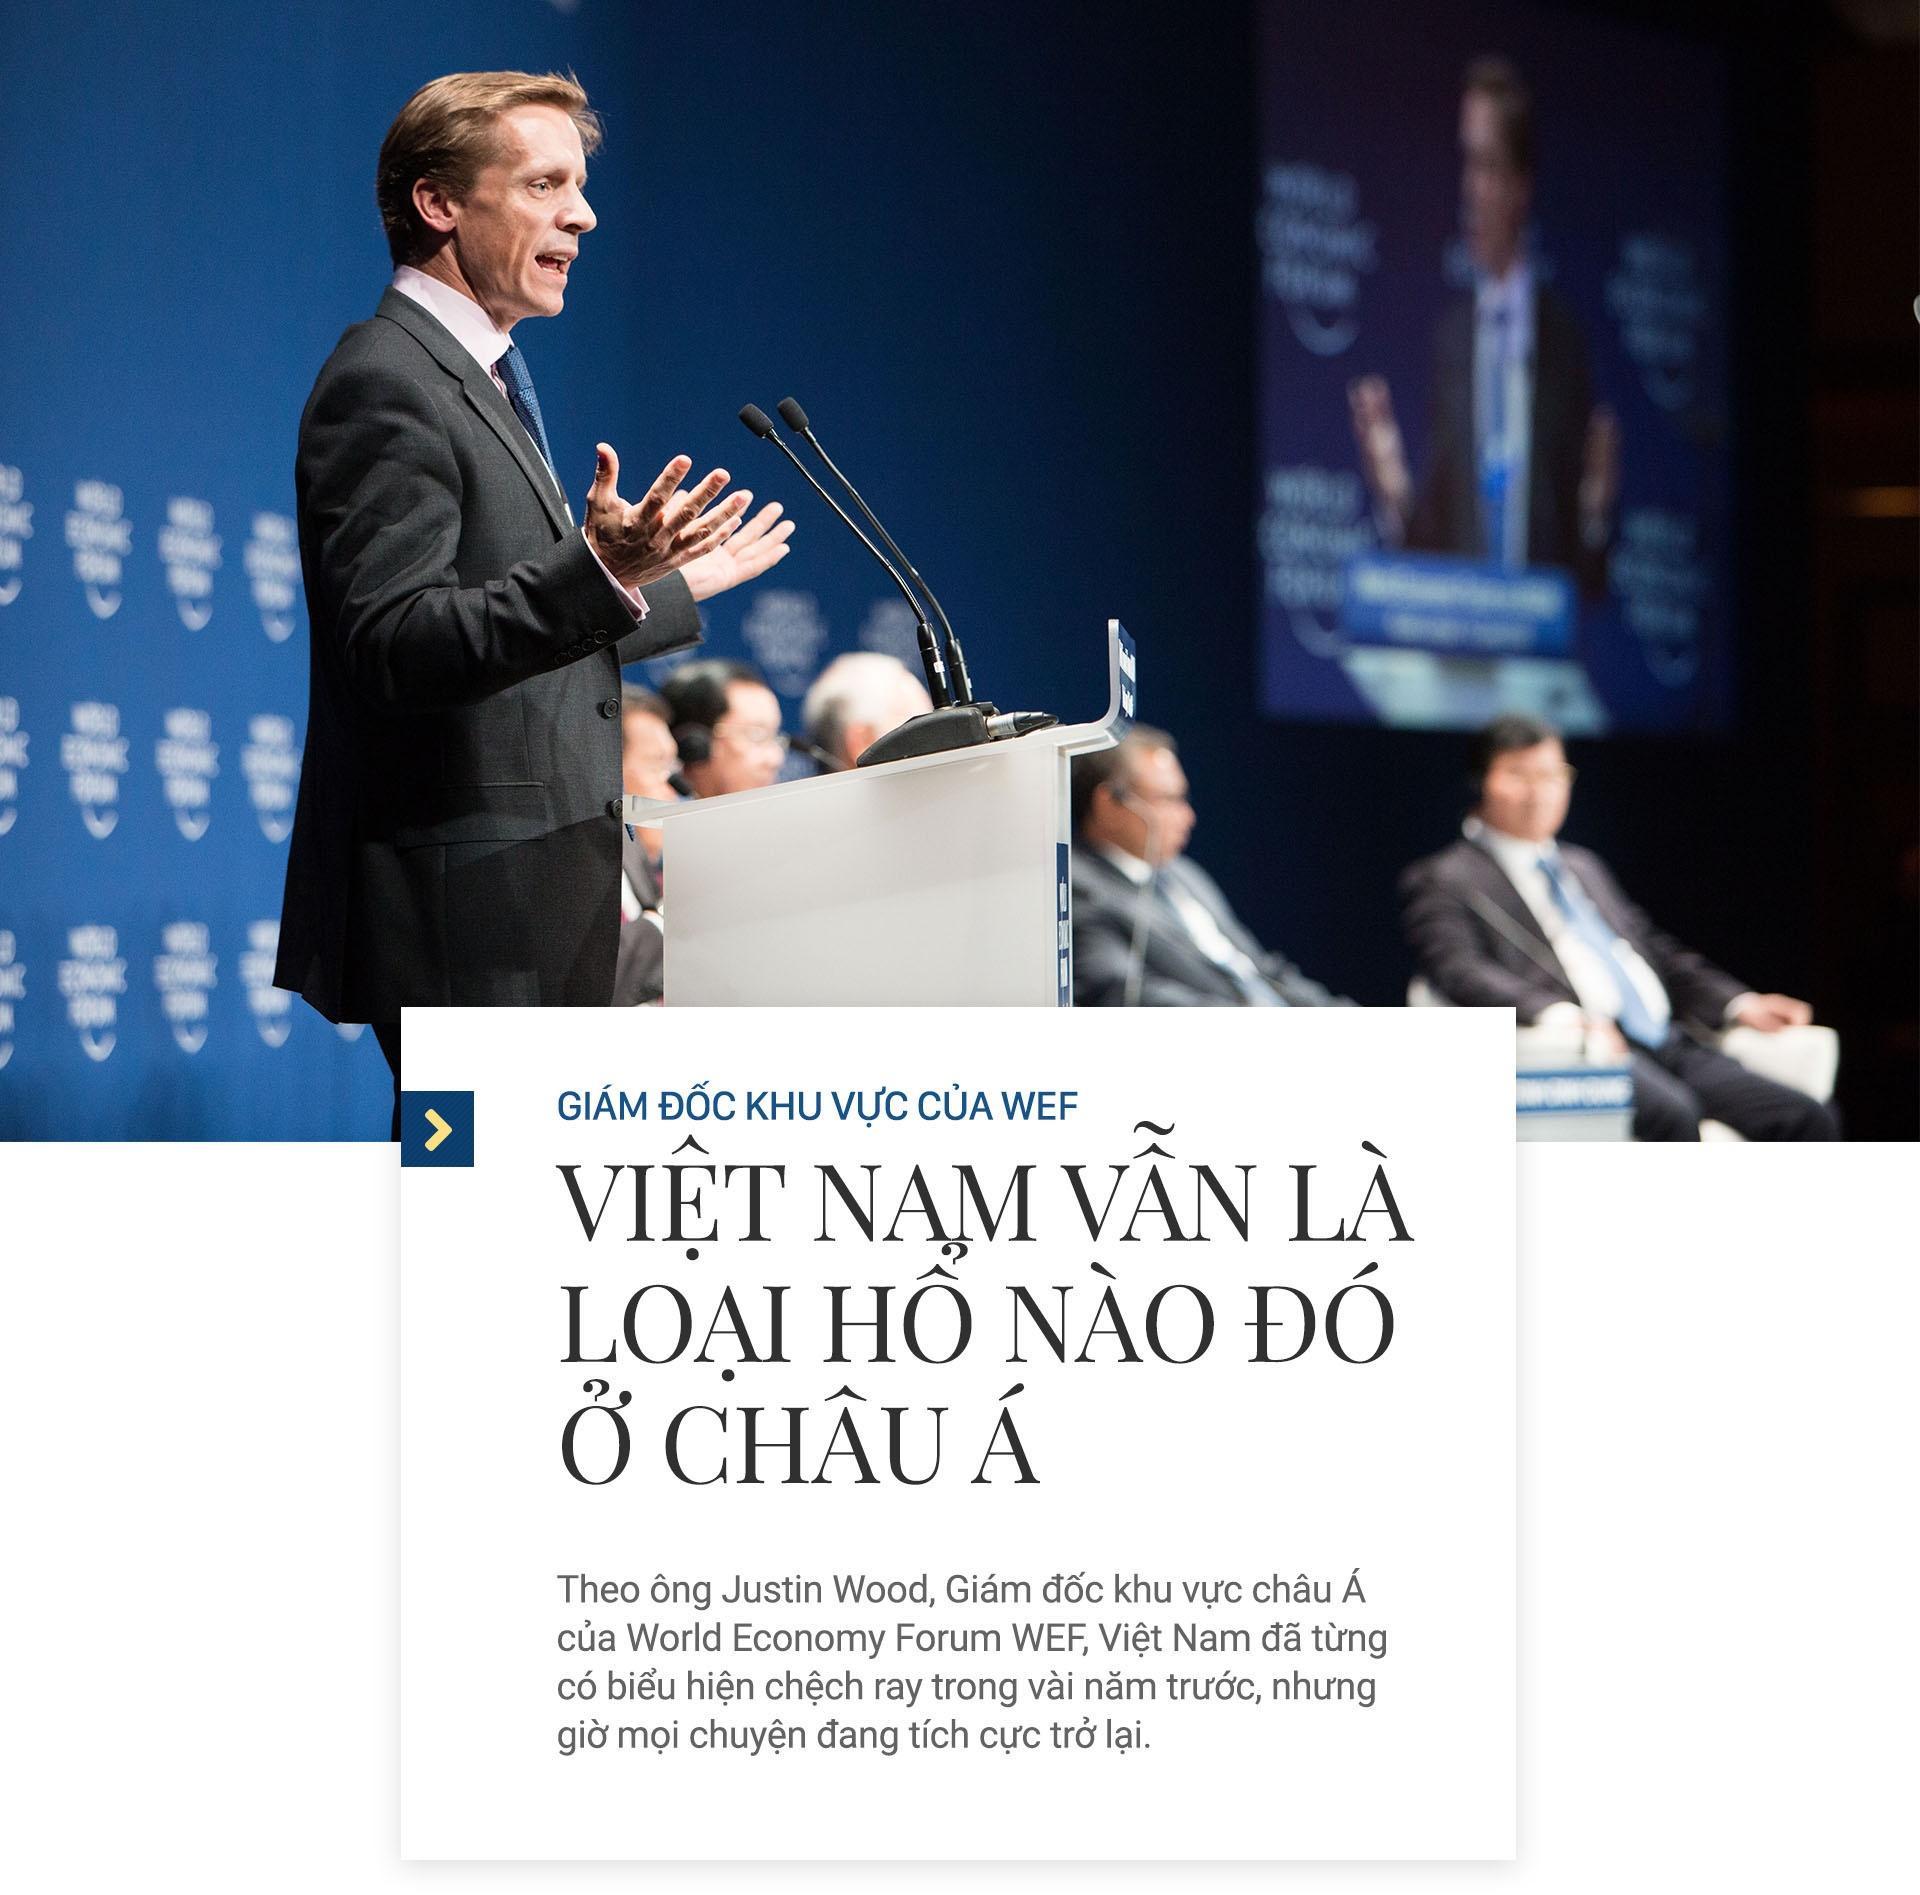 Giam doc khu vuc cua WEF: 'Viet Nam van la loai ho nao do o chau A' hinh anh 2